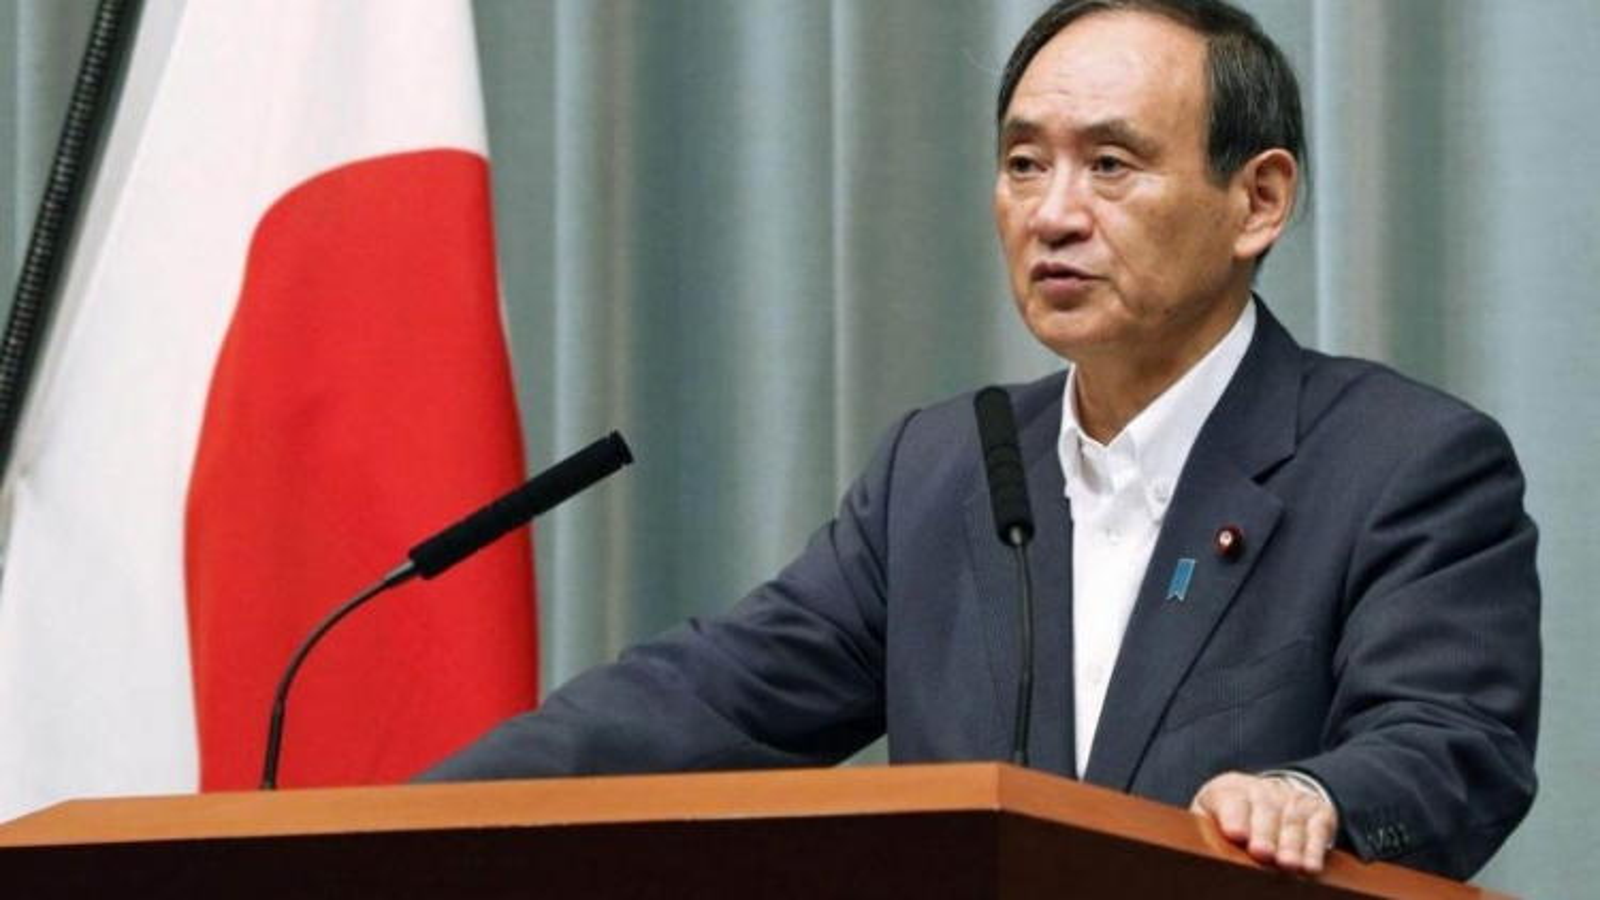 Nhật Bản có thể sẽ tiến hành bầu cử mà không cần giải tán sớm Hạ viện